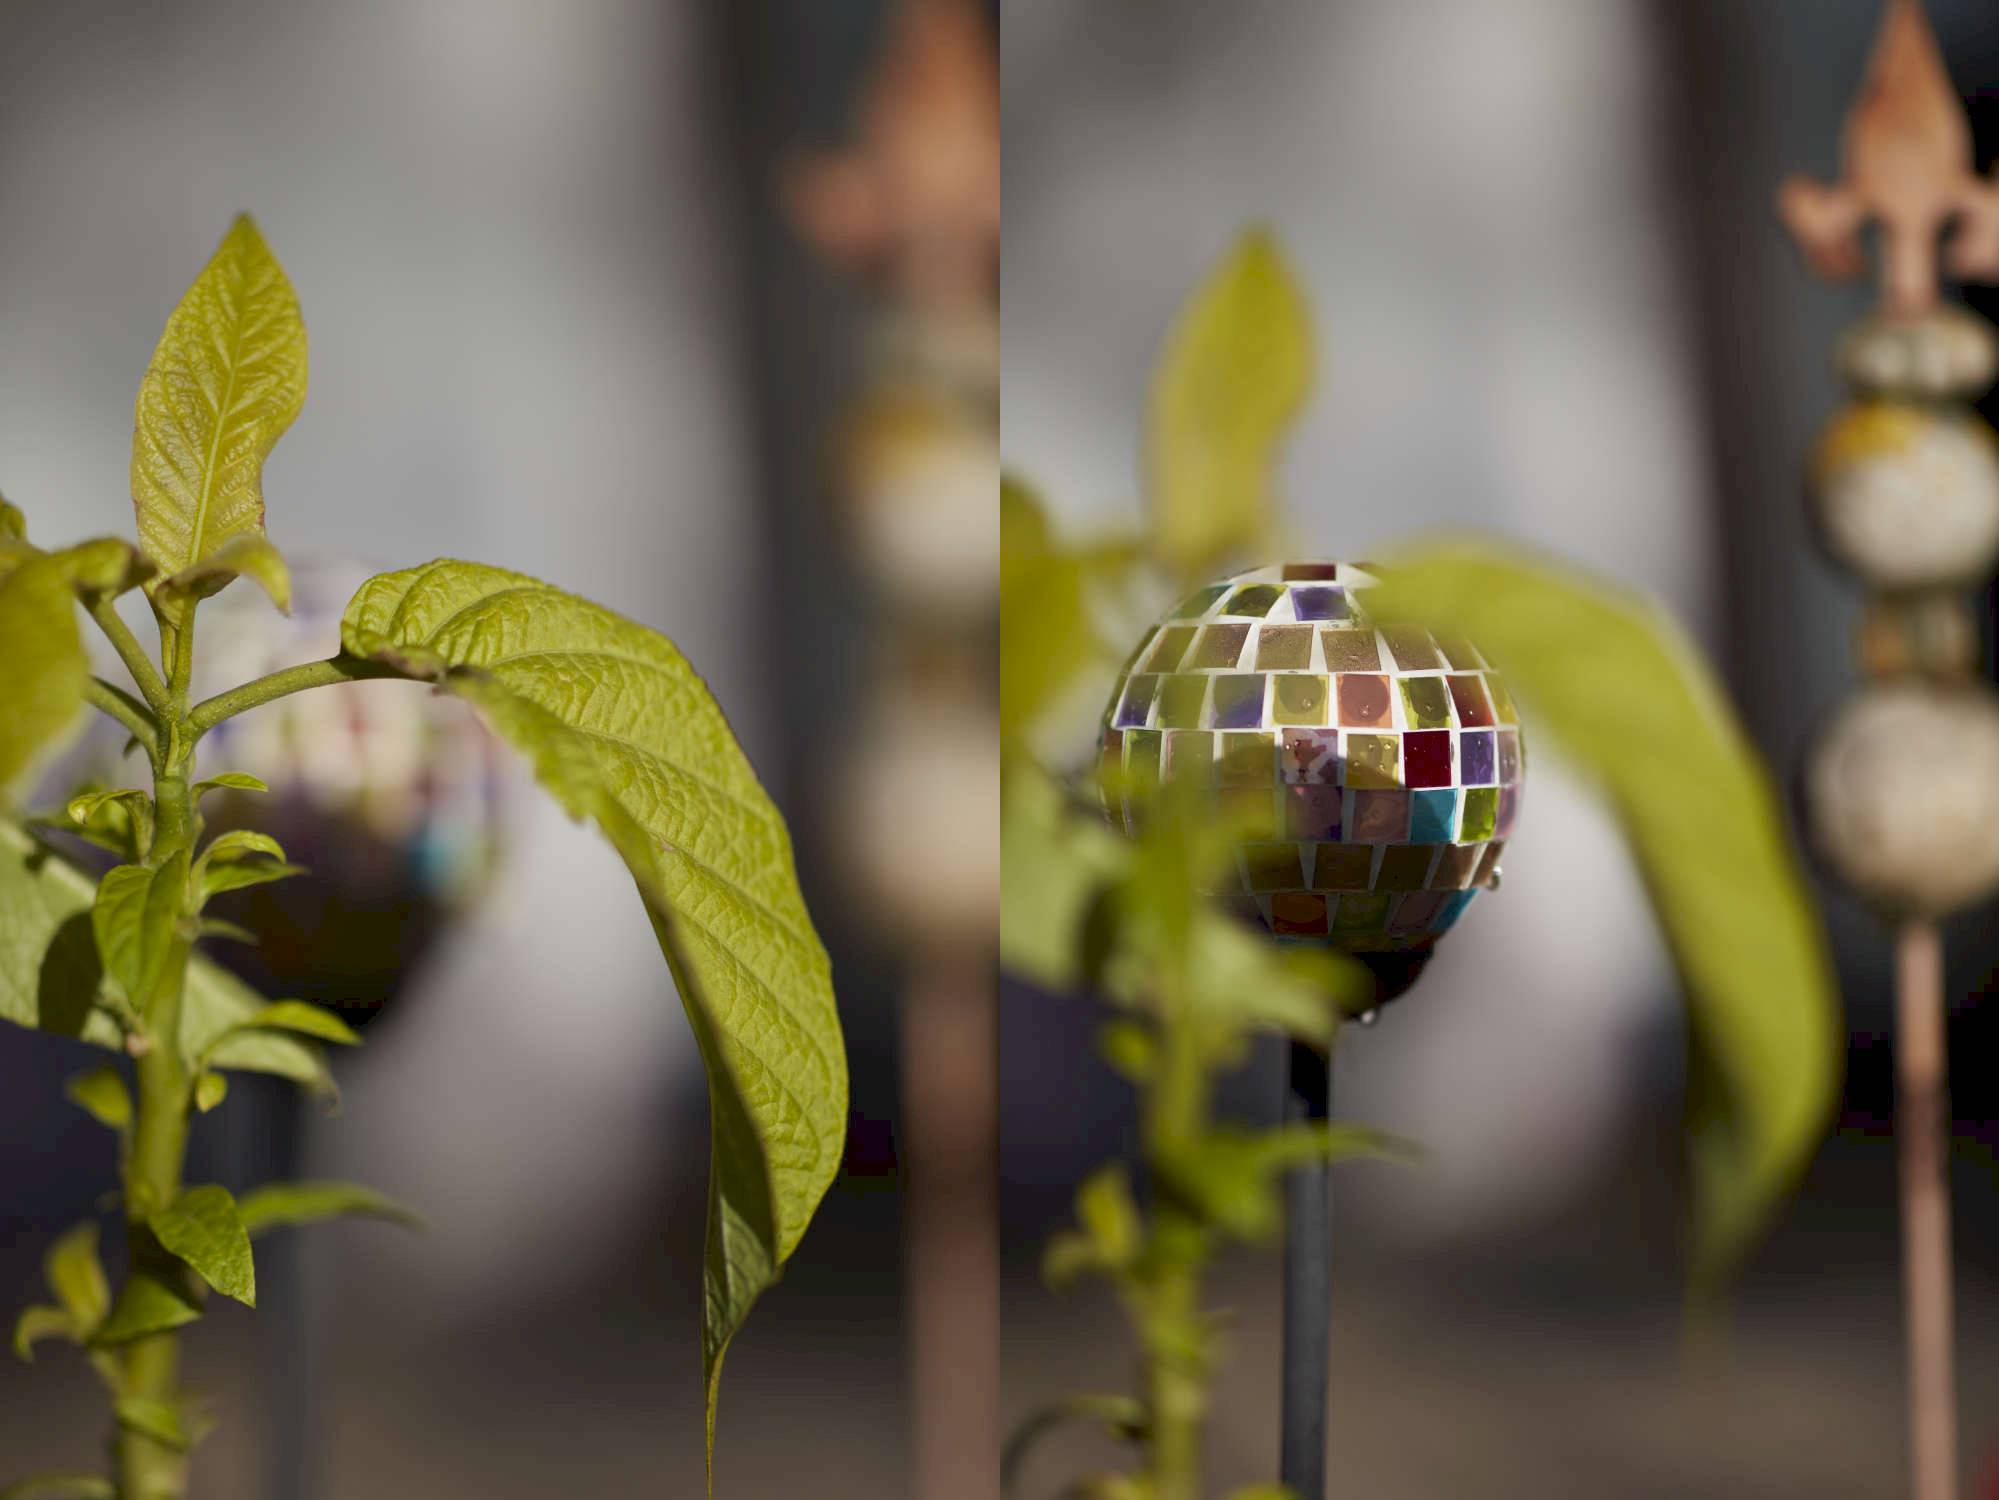 Bei Offenblende ist die Schärfentiefe so gering, dass selbst das Freistellen nahe beieinanderliegender Objekte mühelos gelingt. Das Bokeh ist weich und harmonisch.